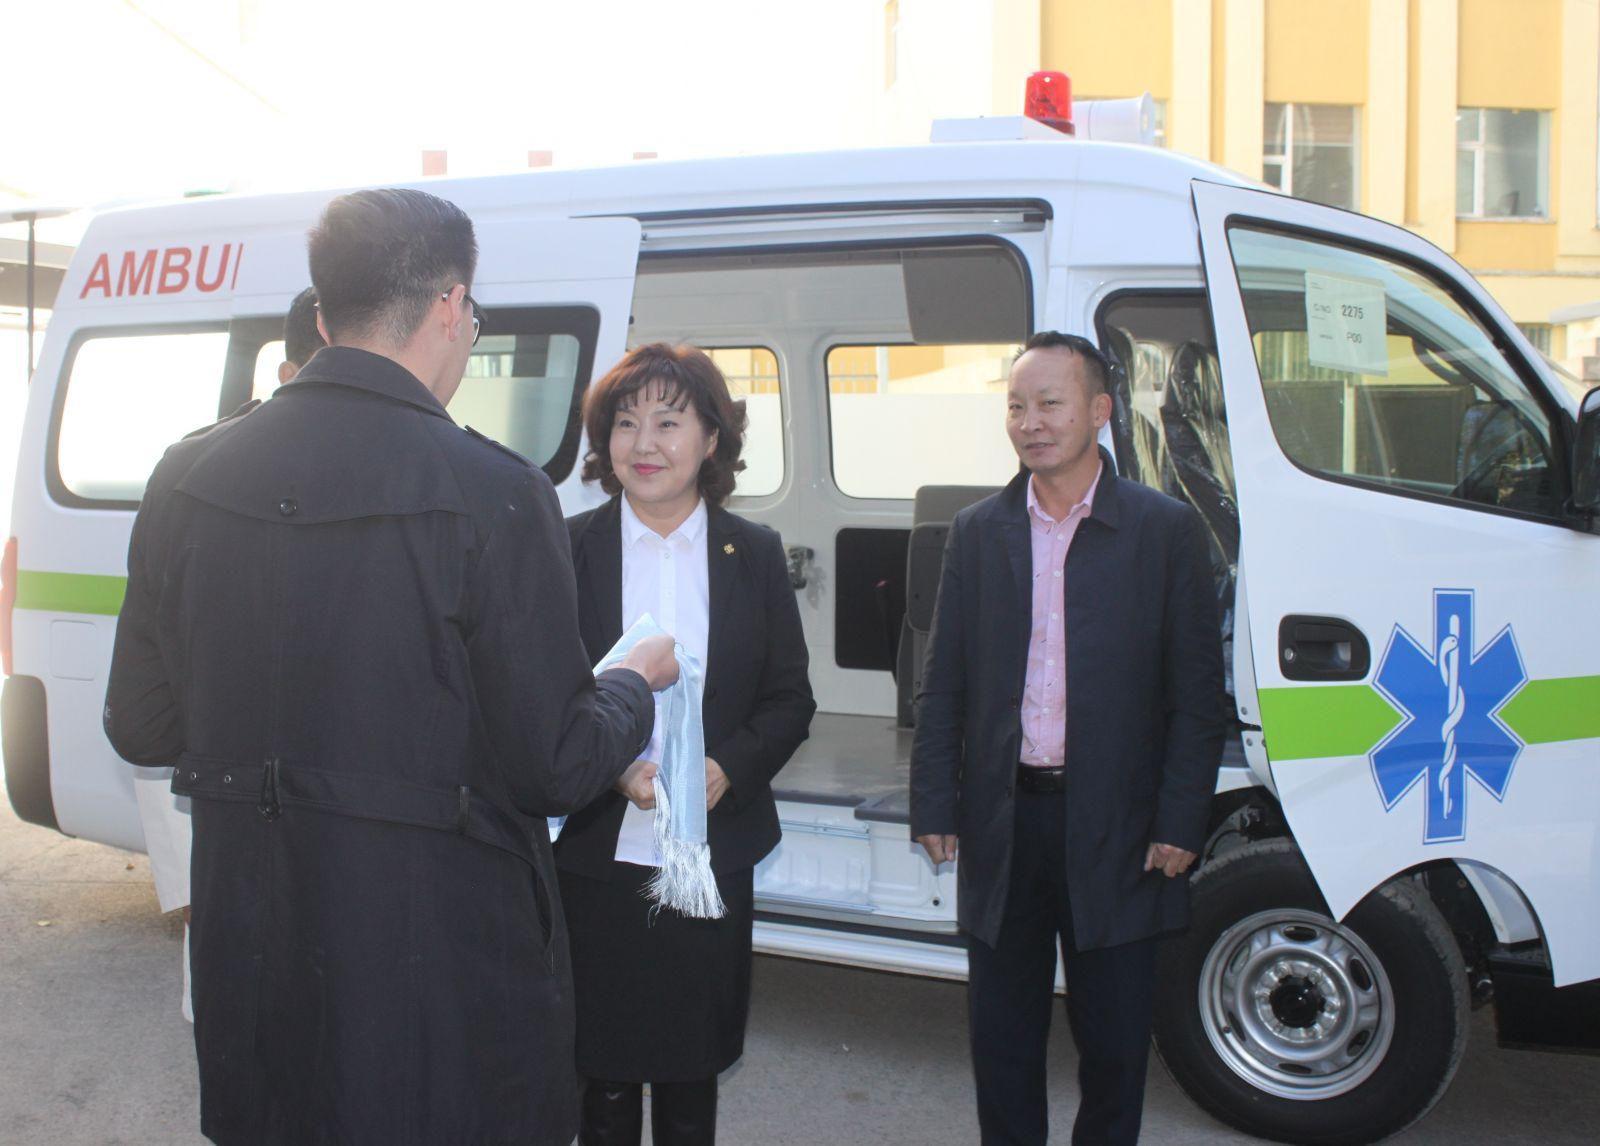 Замын-Үүд сумын нэгдсэн эмнэлэгт түргэн туслажмийн автомашин гардууллаа